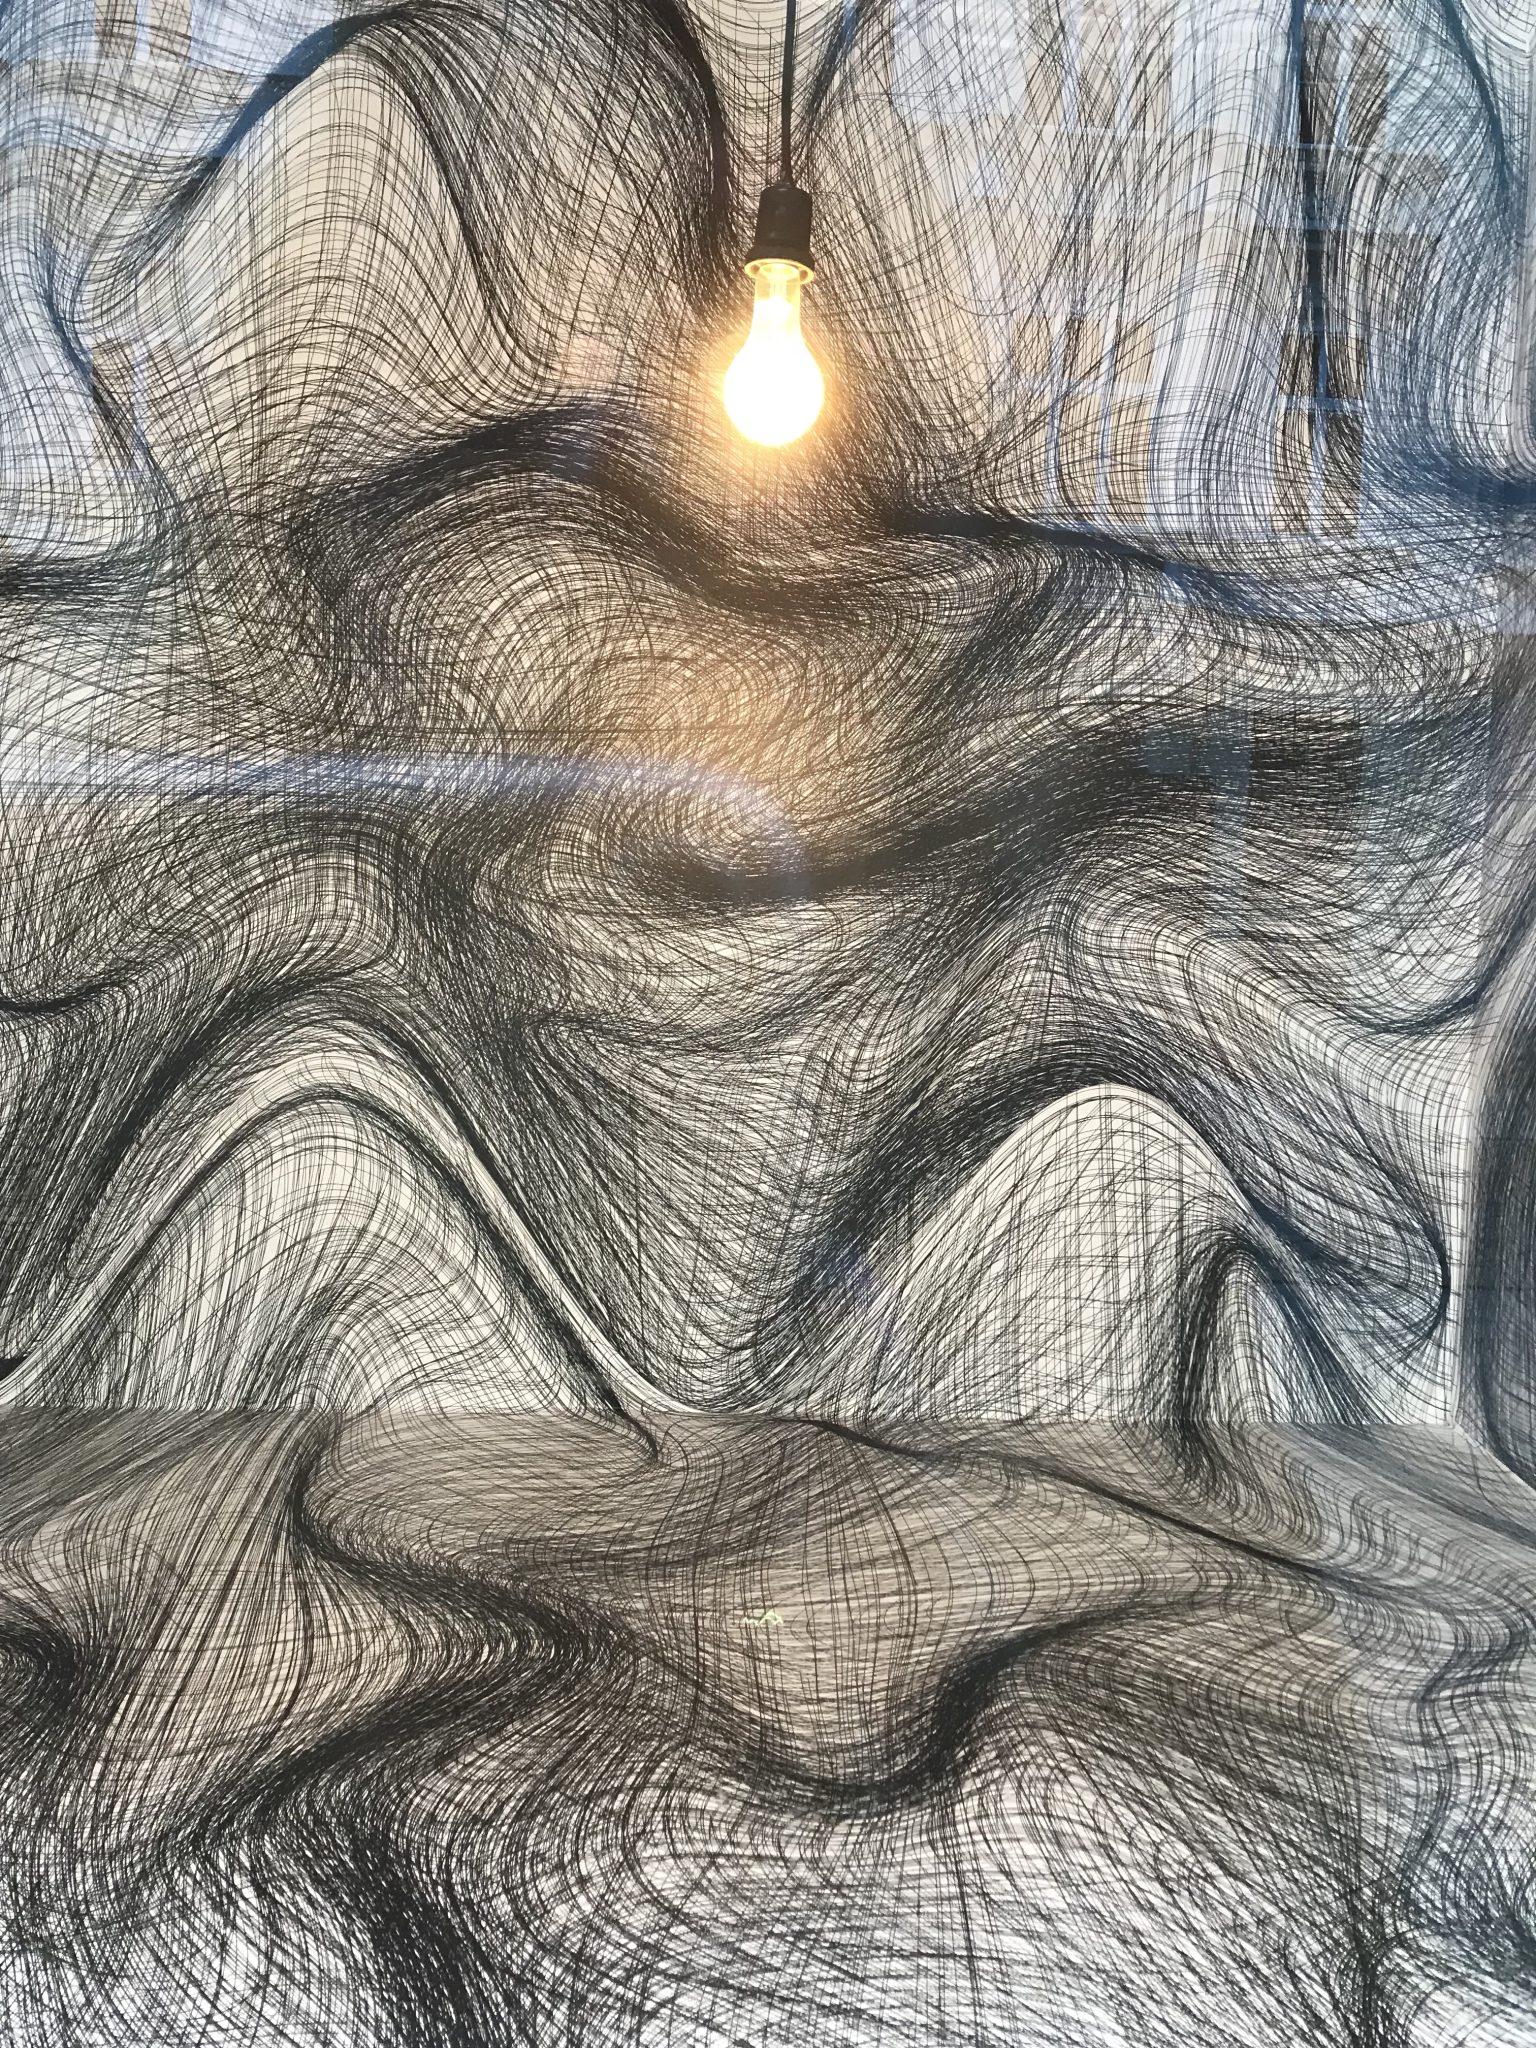 freudian wood sigmund freud